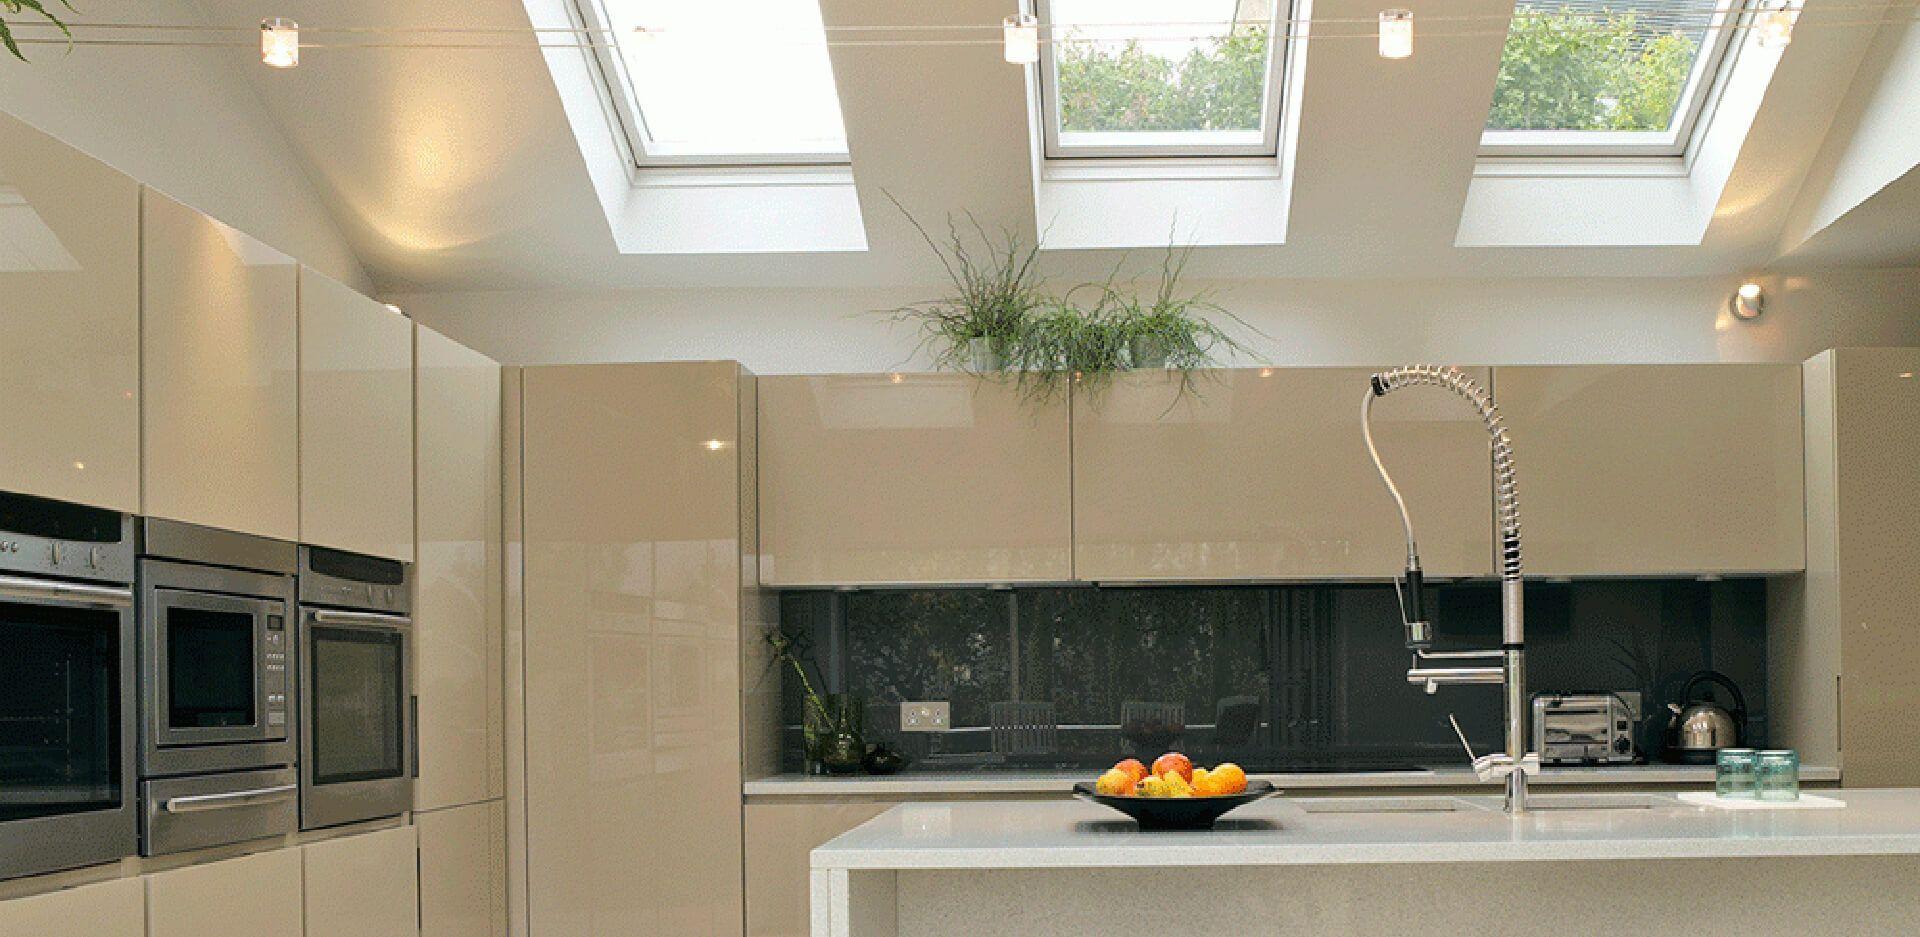 Cocinas con ventanas Velux, no solo para salones o dormitorios.